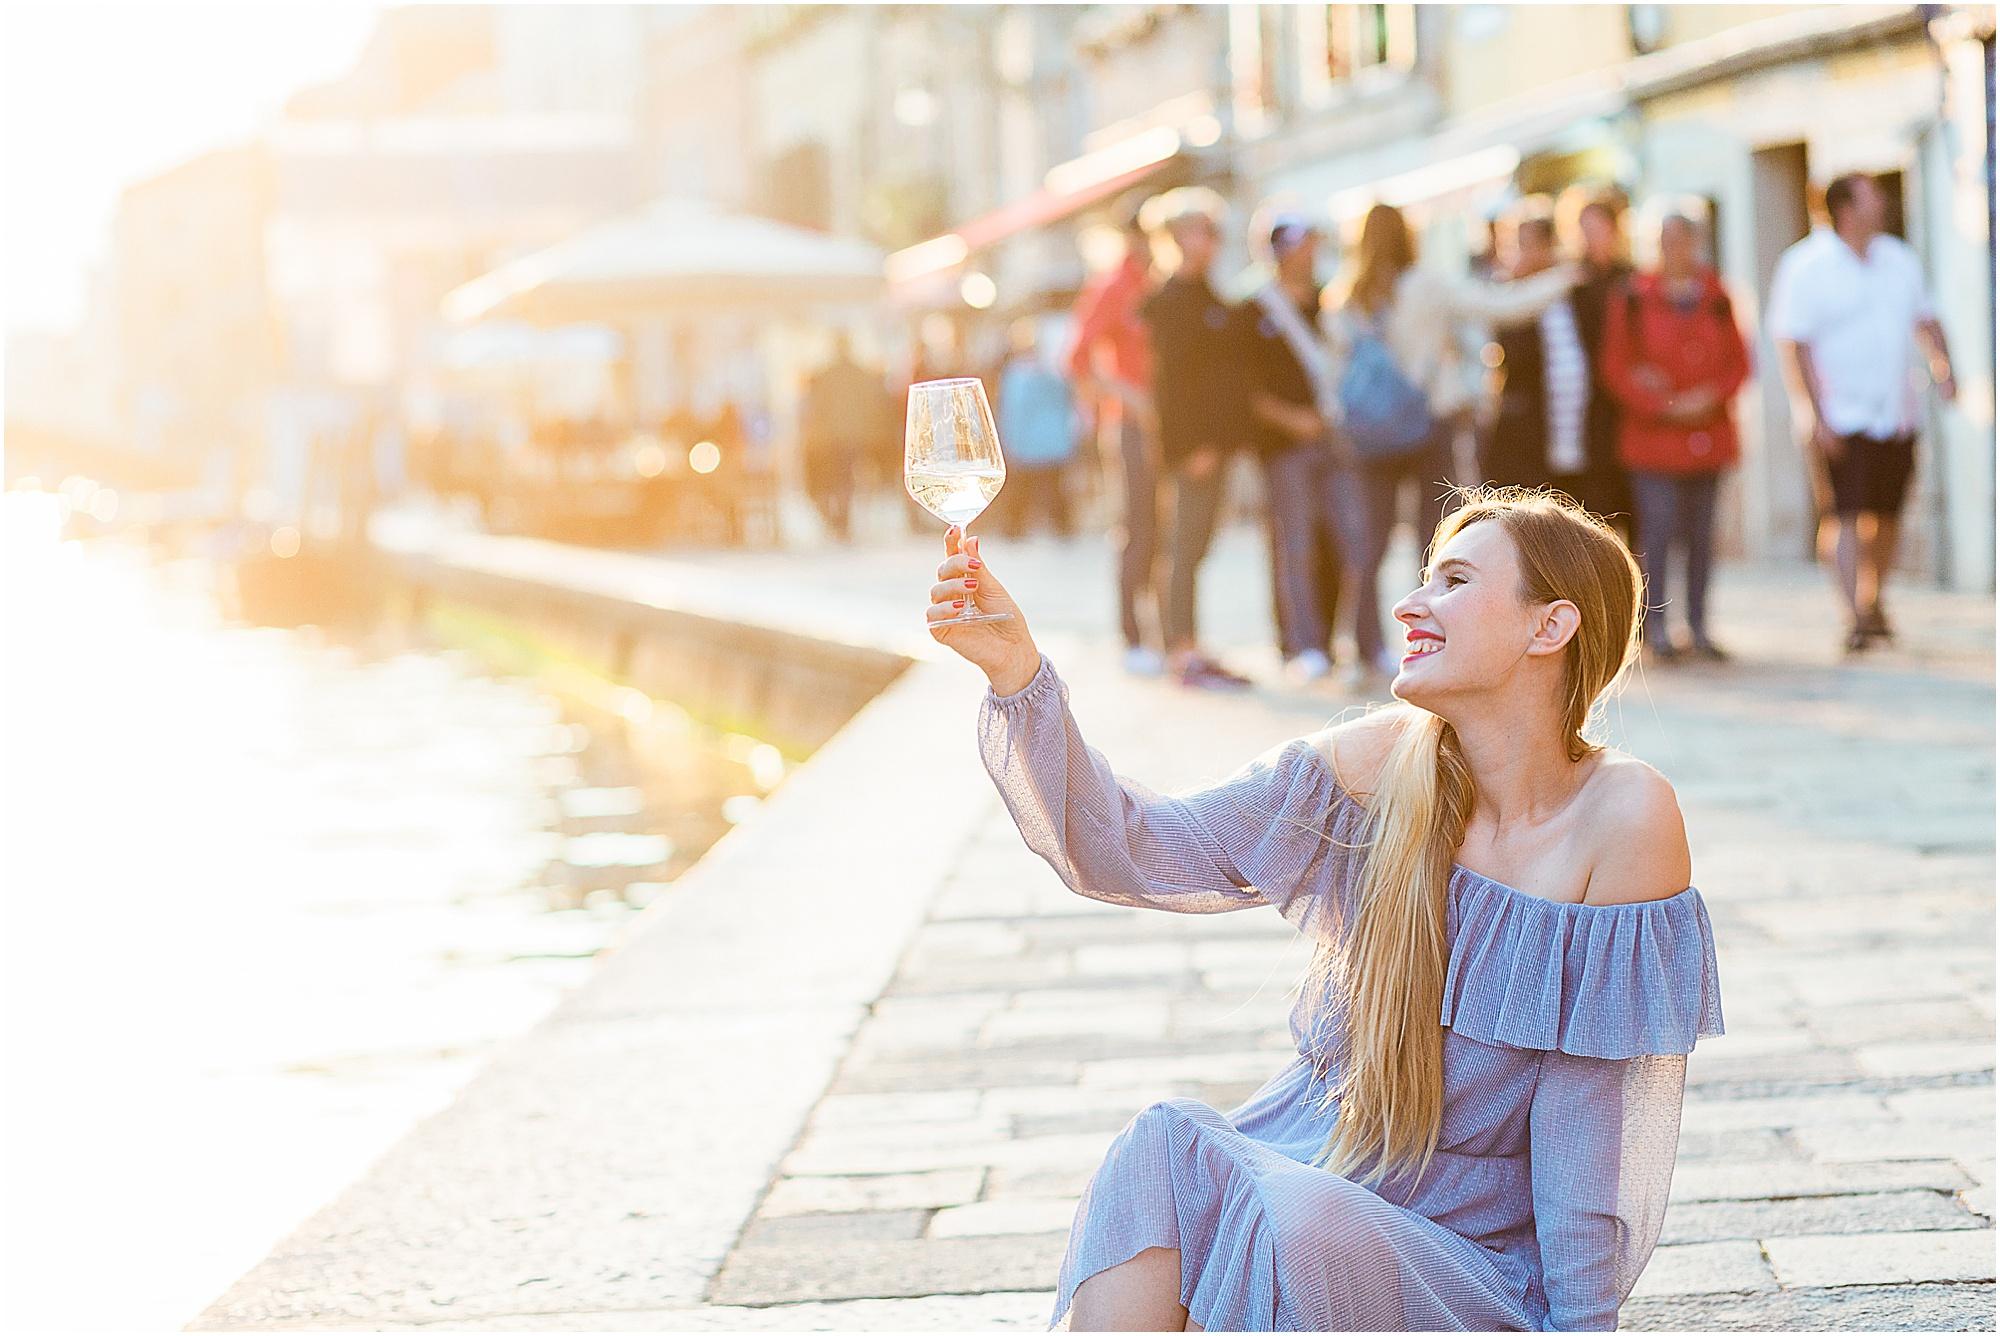 lifestyle-photoshoot-in-venice-gondola-sunrise-stefano-degirmenci_0054.jpg